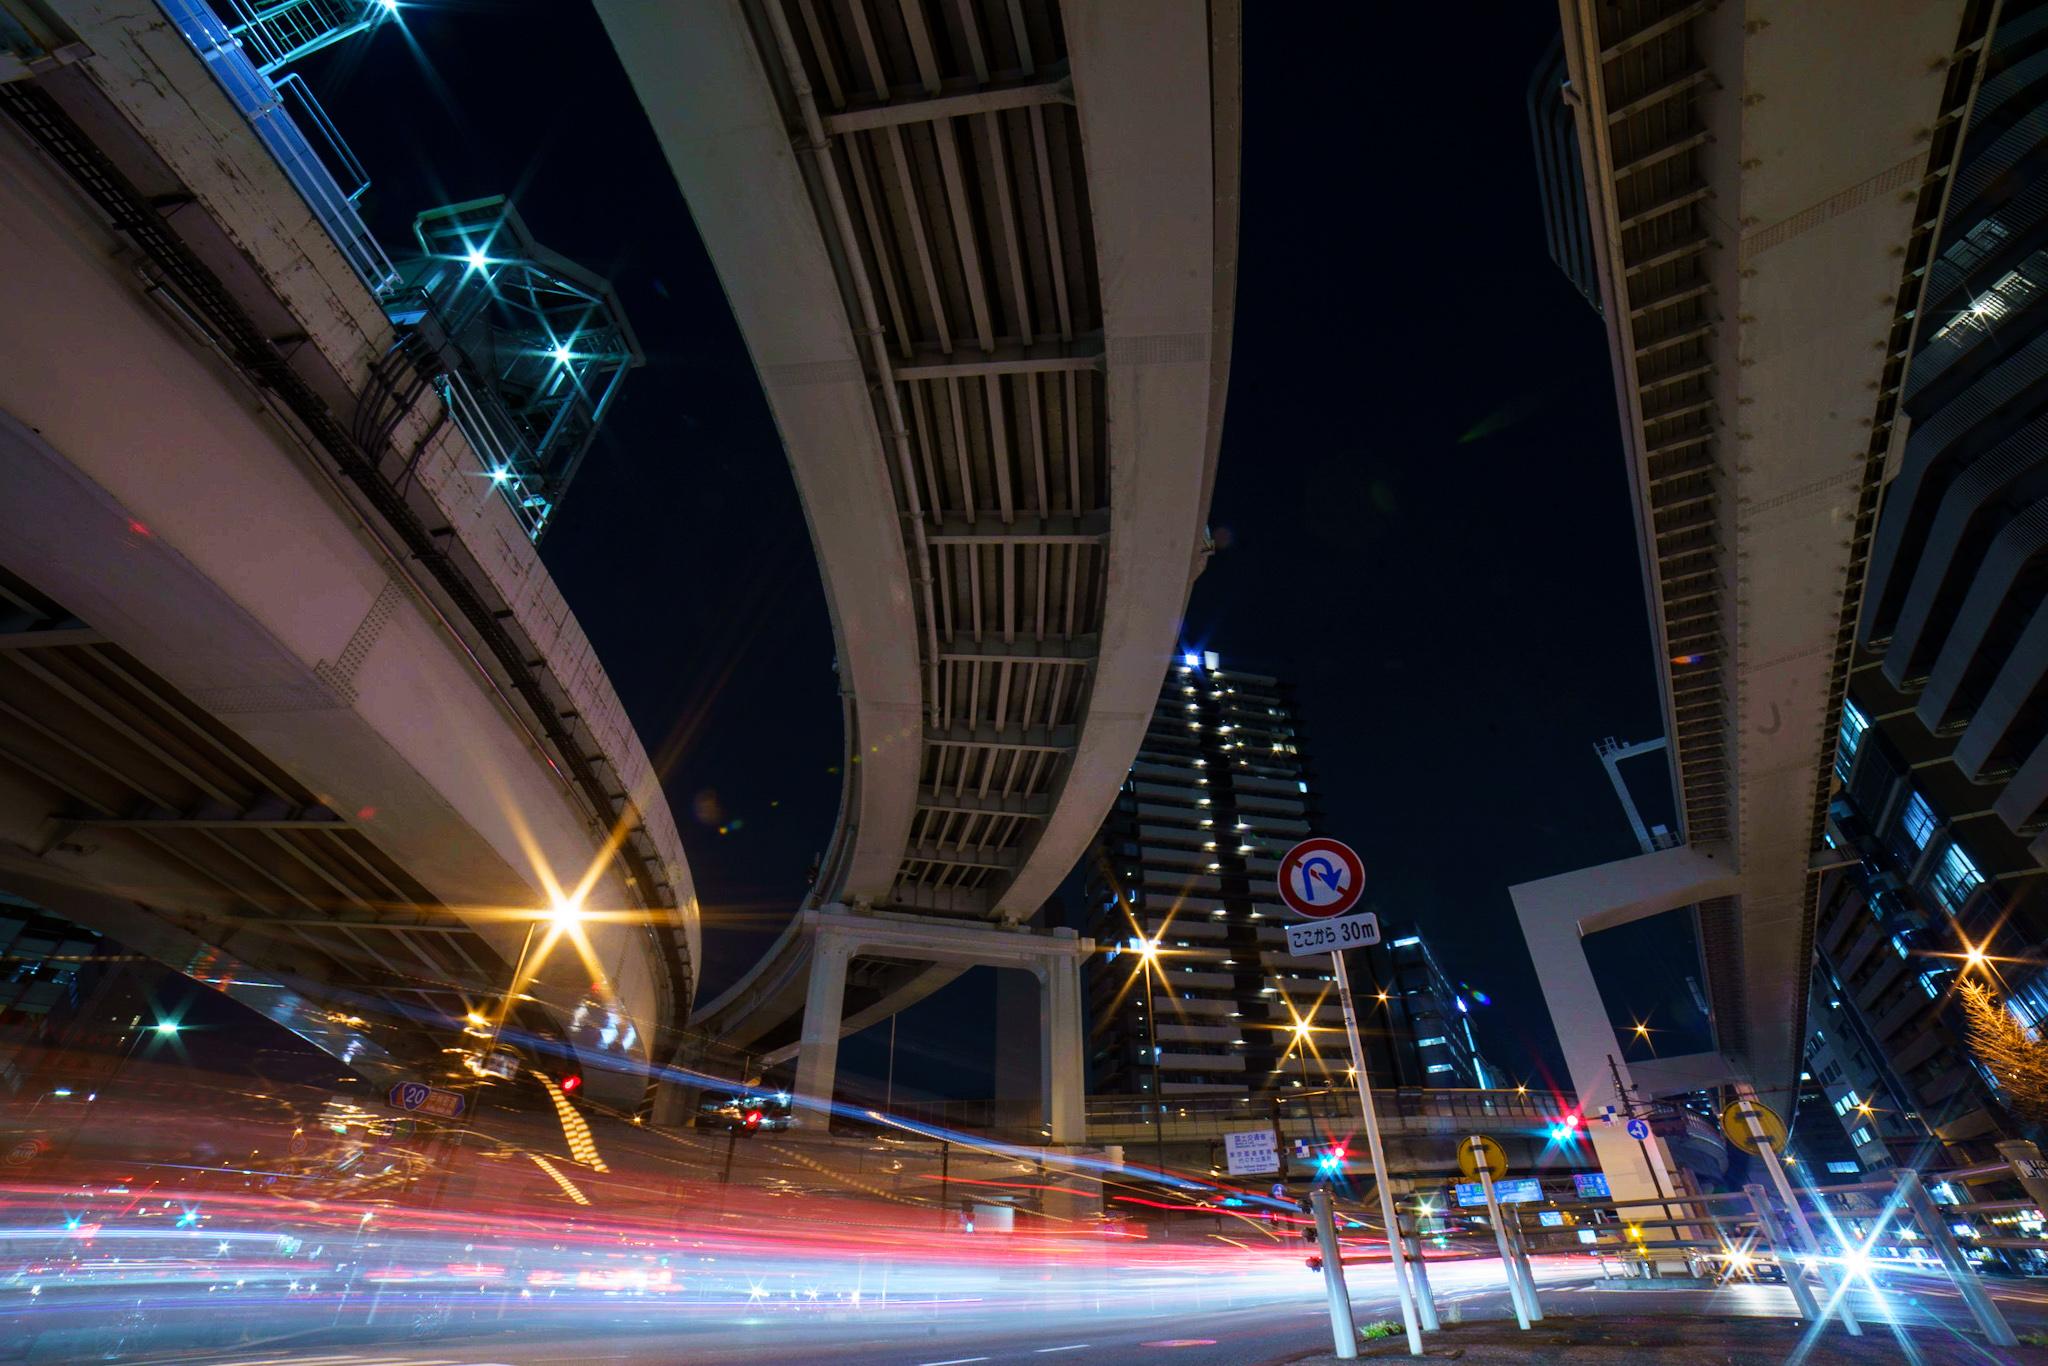 【SONY】α Like vol.3 「都市夜景」